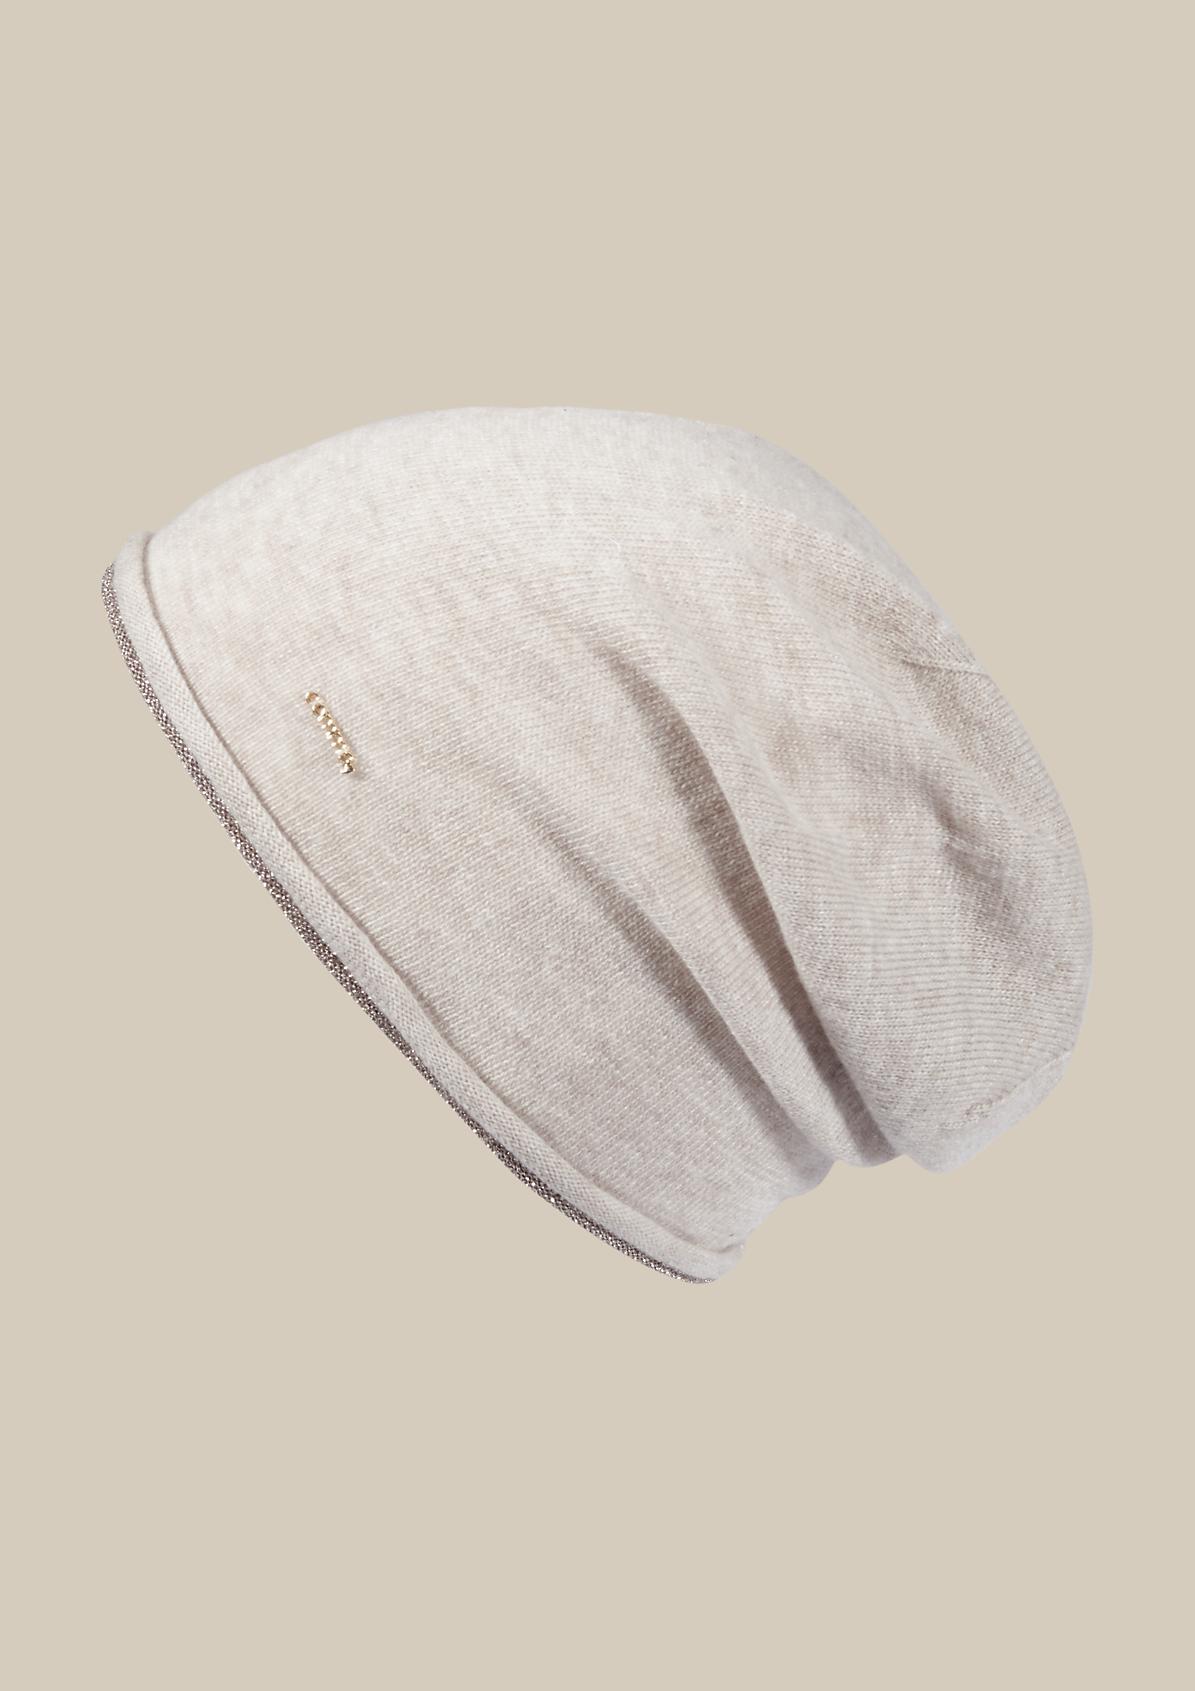 Weiche Strickmütze mit dekorativer Glitzerblende